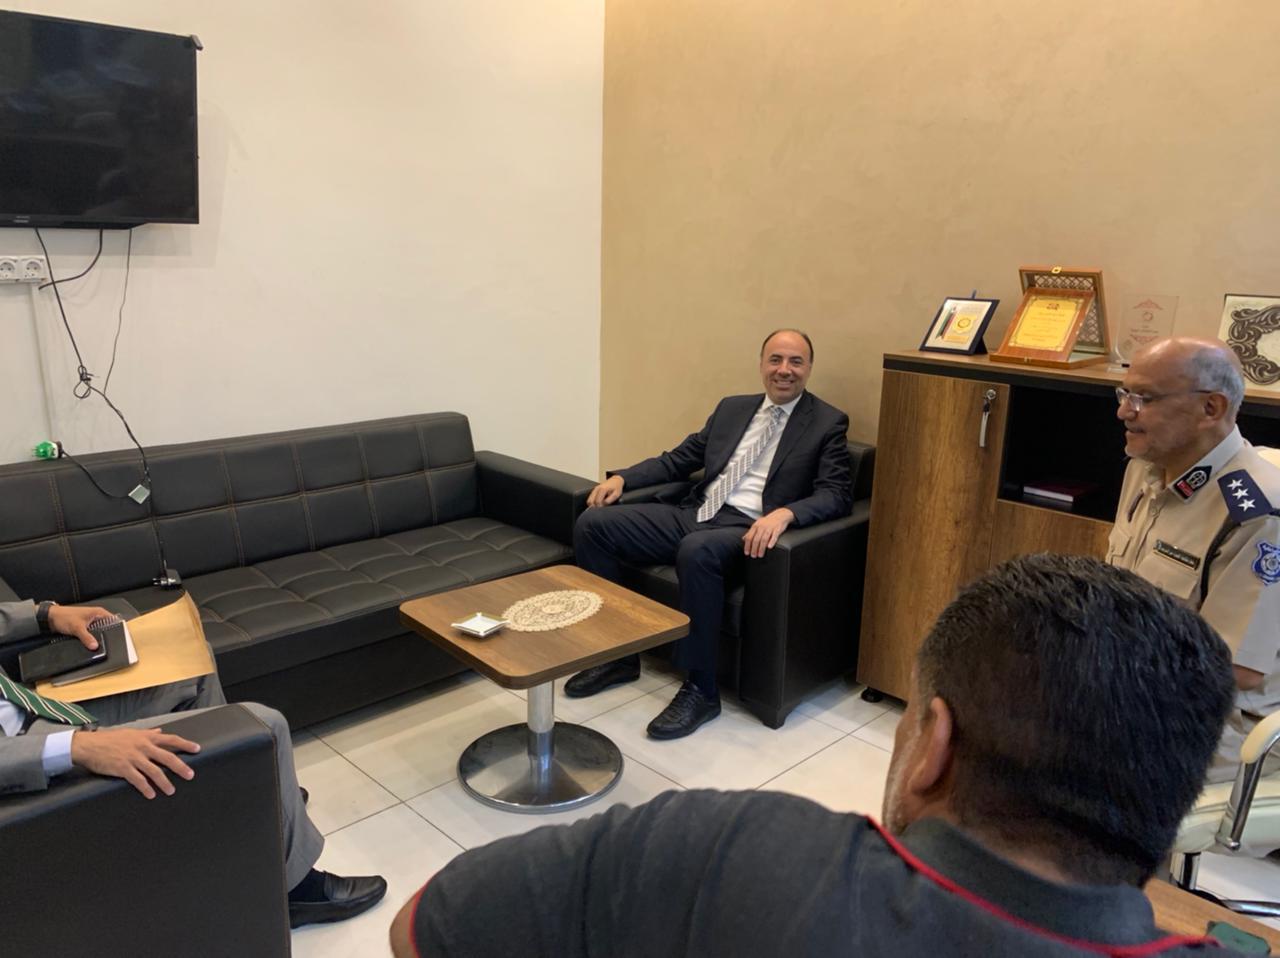 السفير محمد ثروت سليم خلال اجتماع مع المسؤولين في جهاز الهجرة غير الشرعية بطرابلس